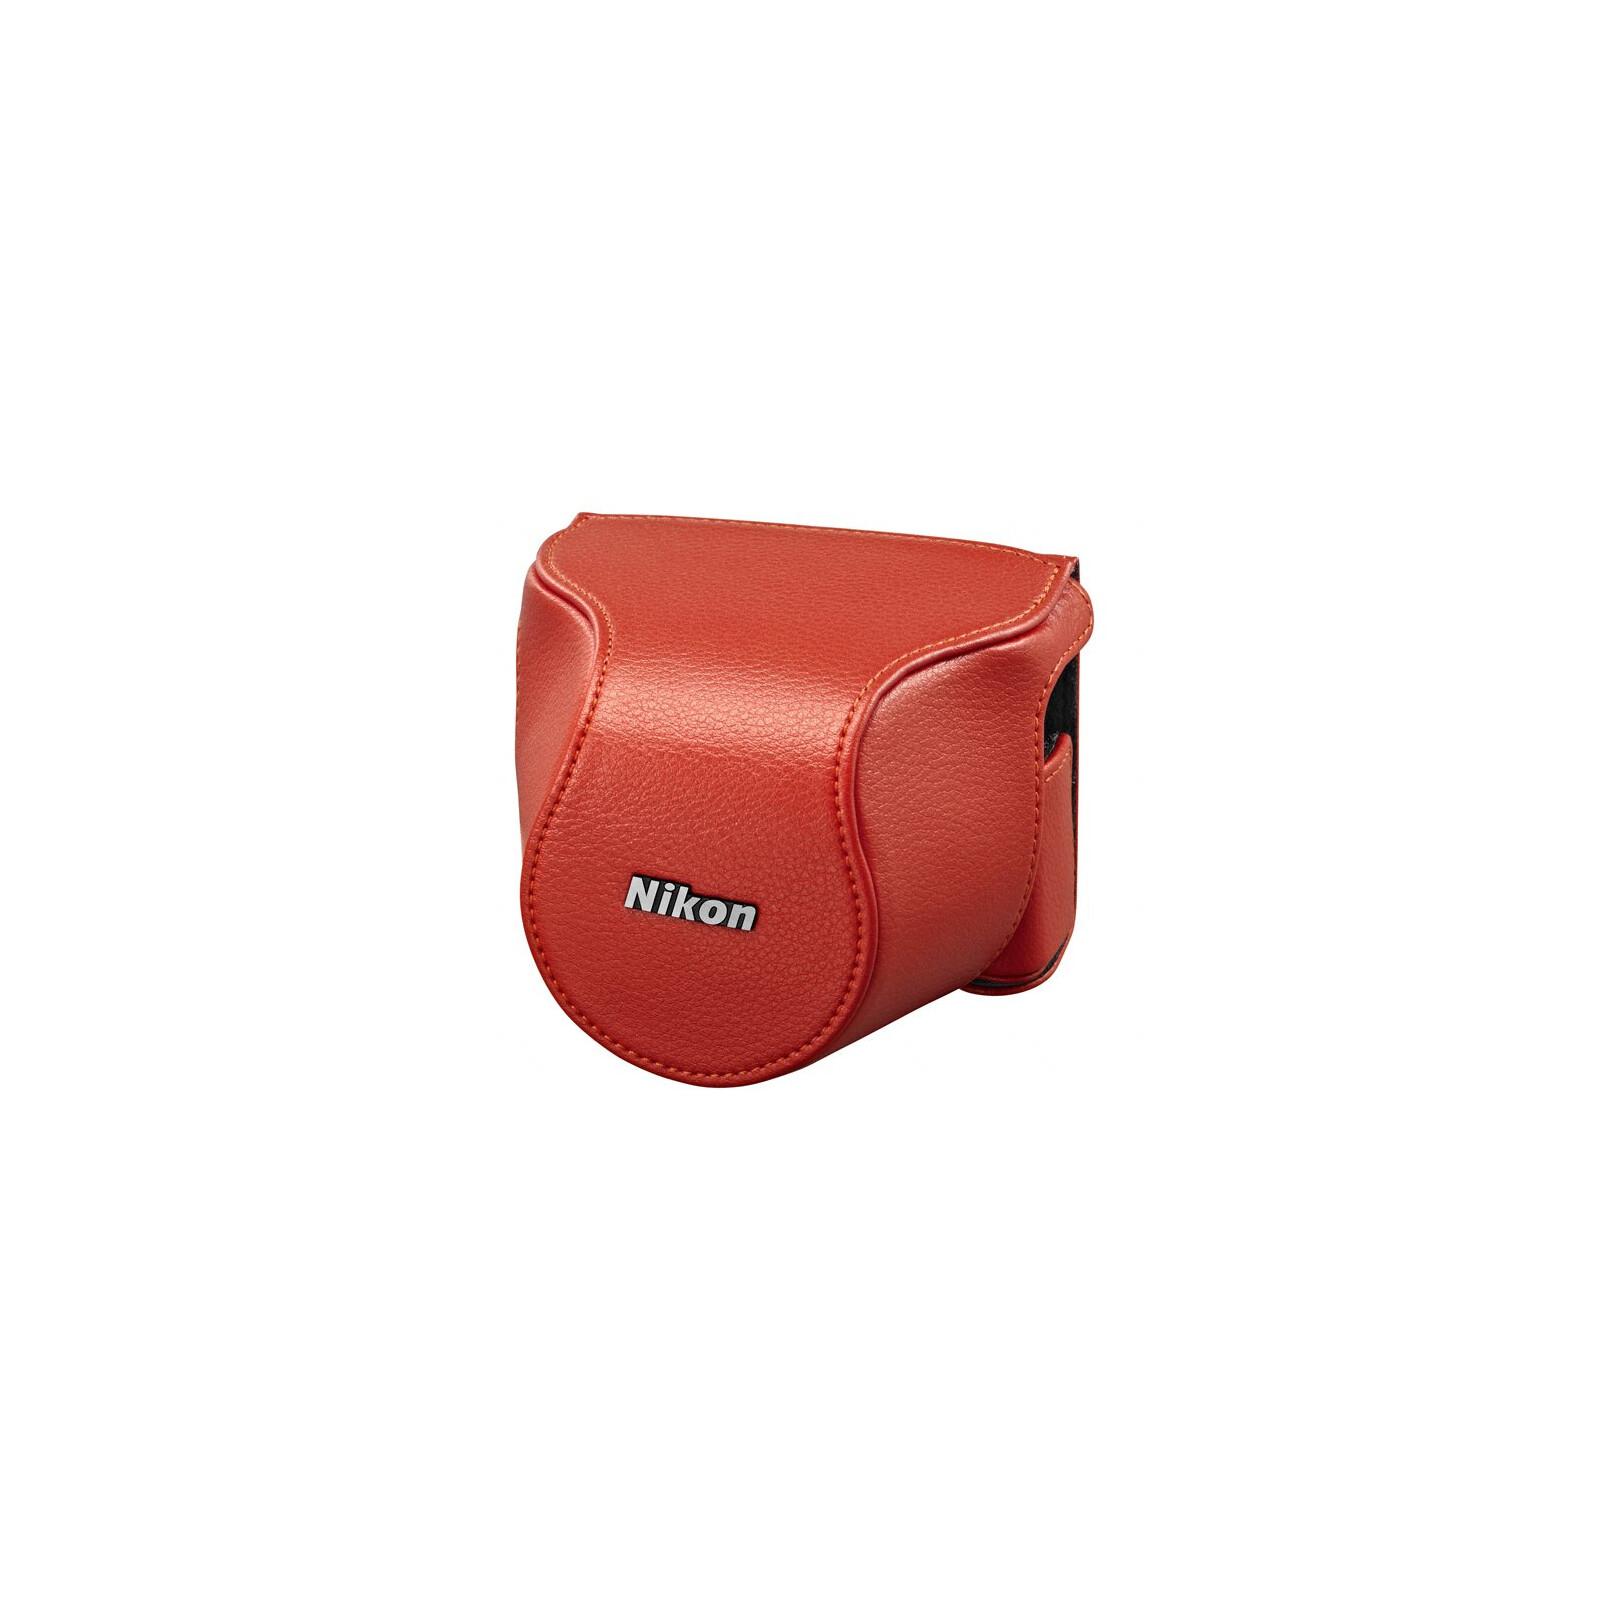 Nikon CB-N2210SA Tasche rot